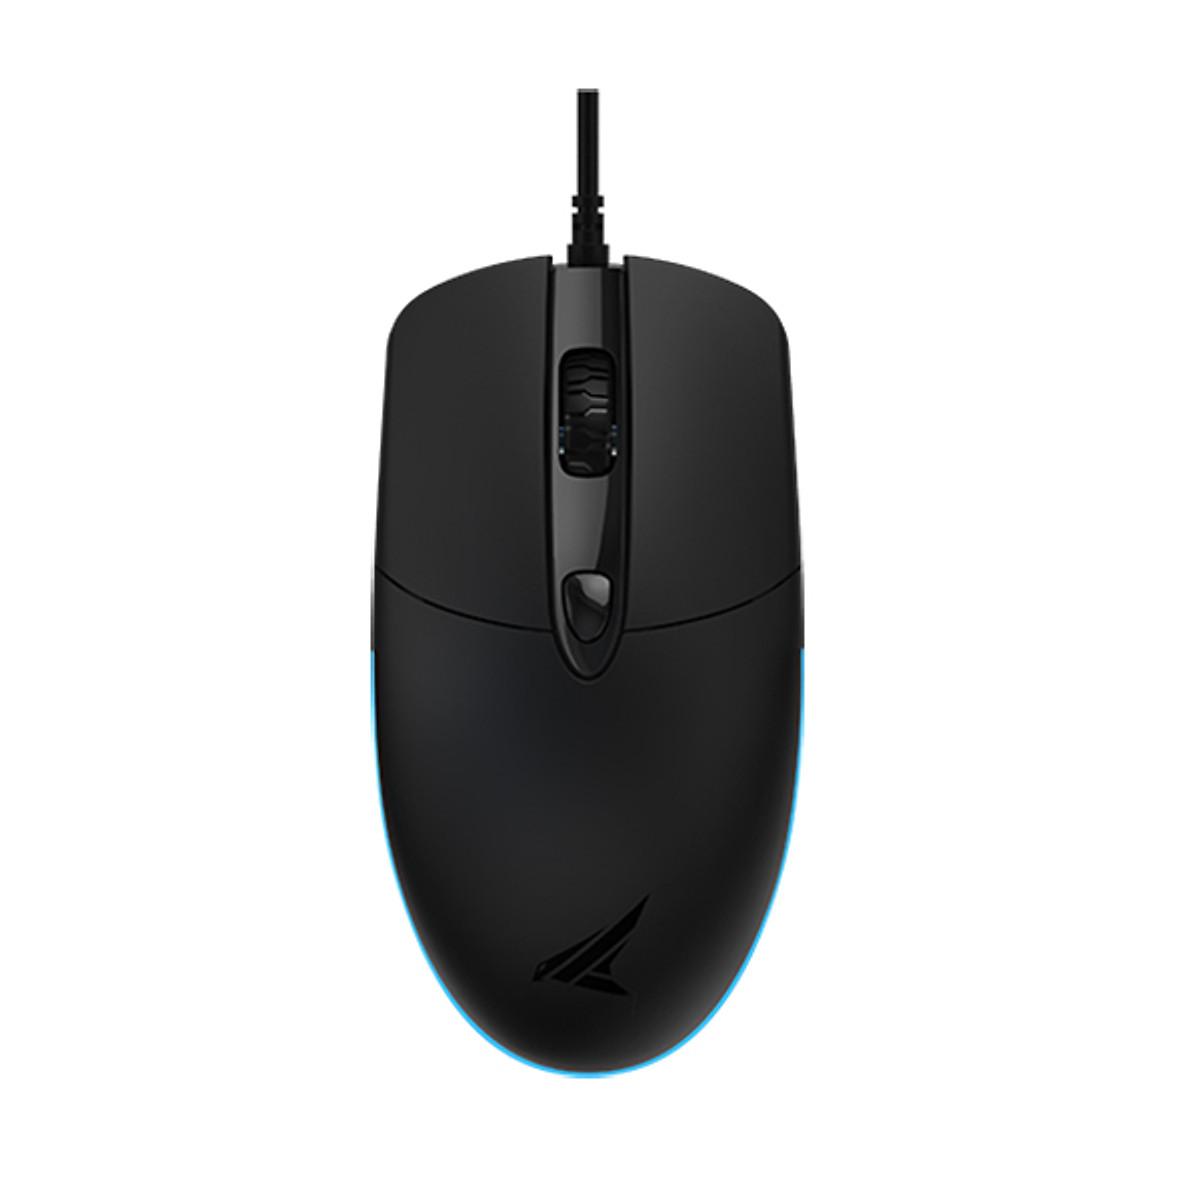 Chuột Gaming Durgod M39 – Hàng chính hãng